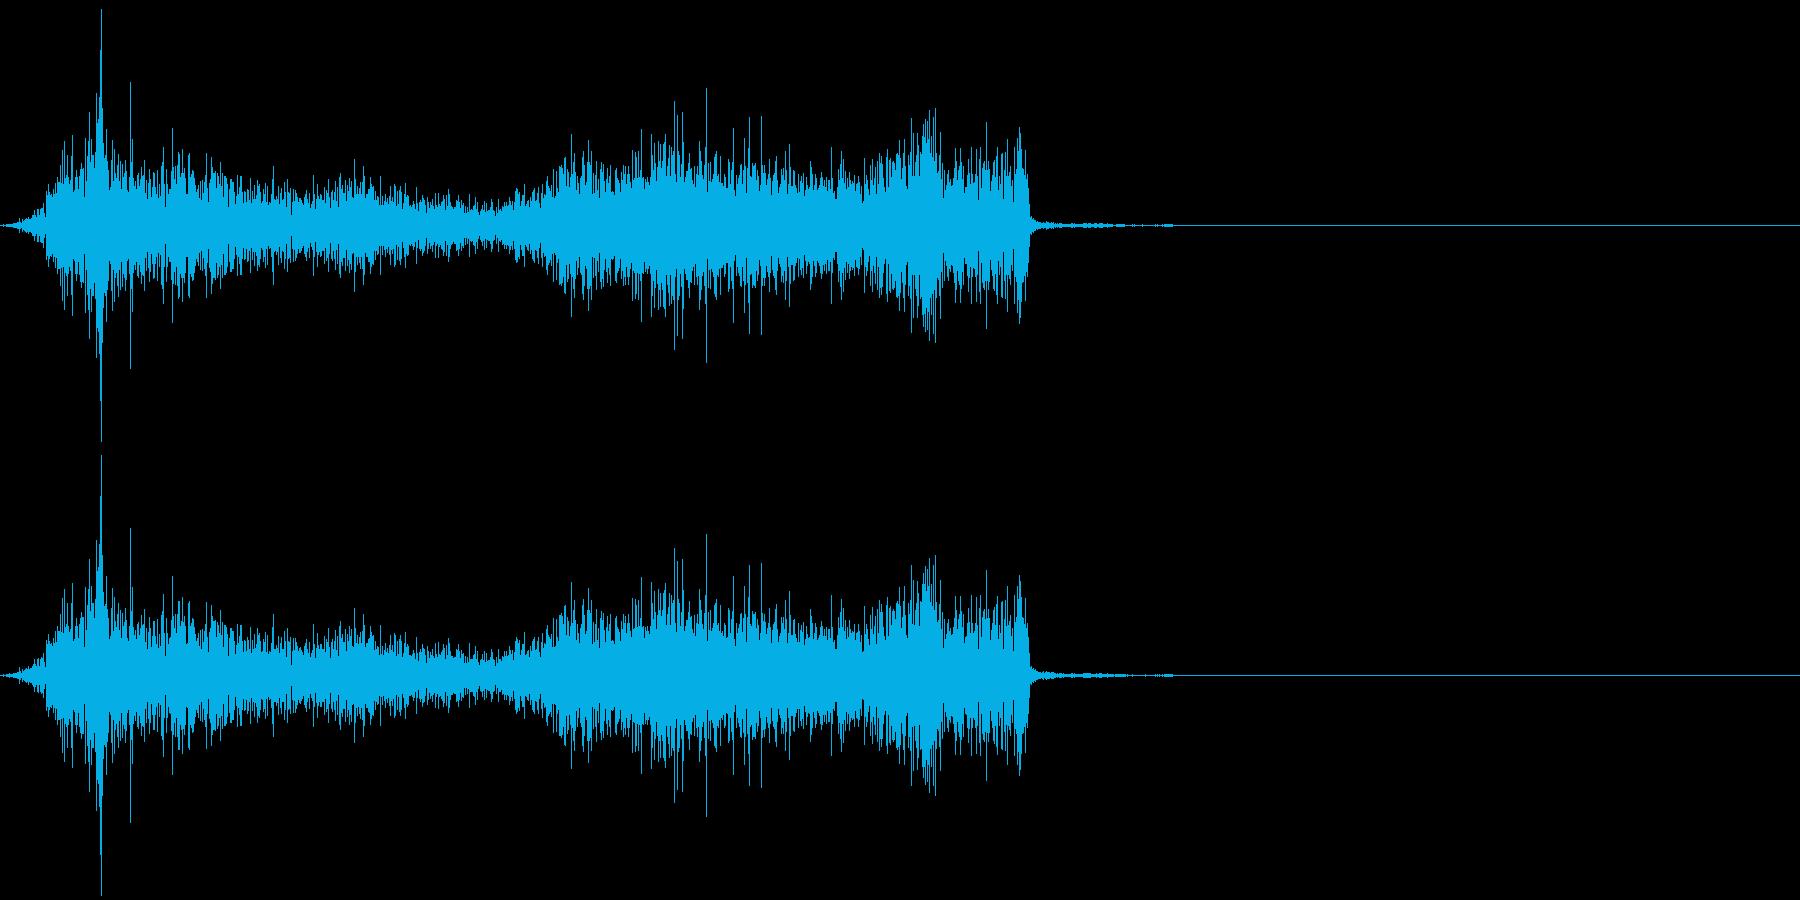 タブ切り替え時の音(紙を擦る音)_02の再生済みの波形